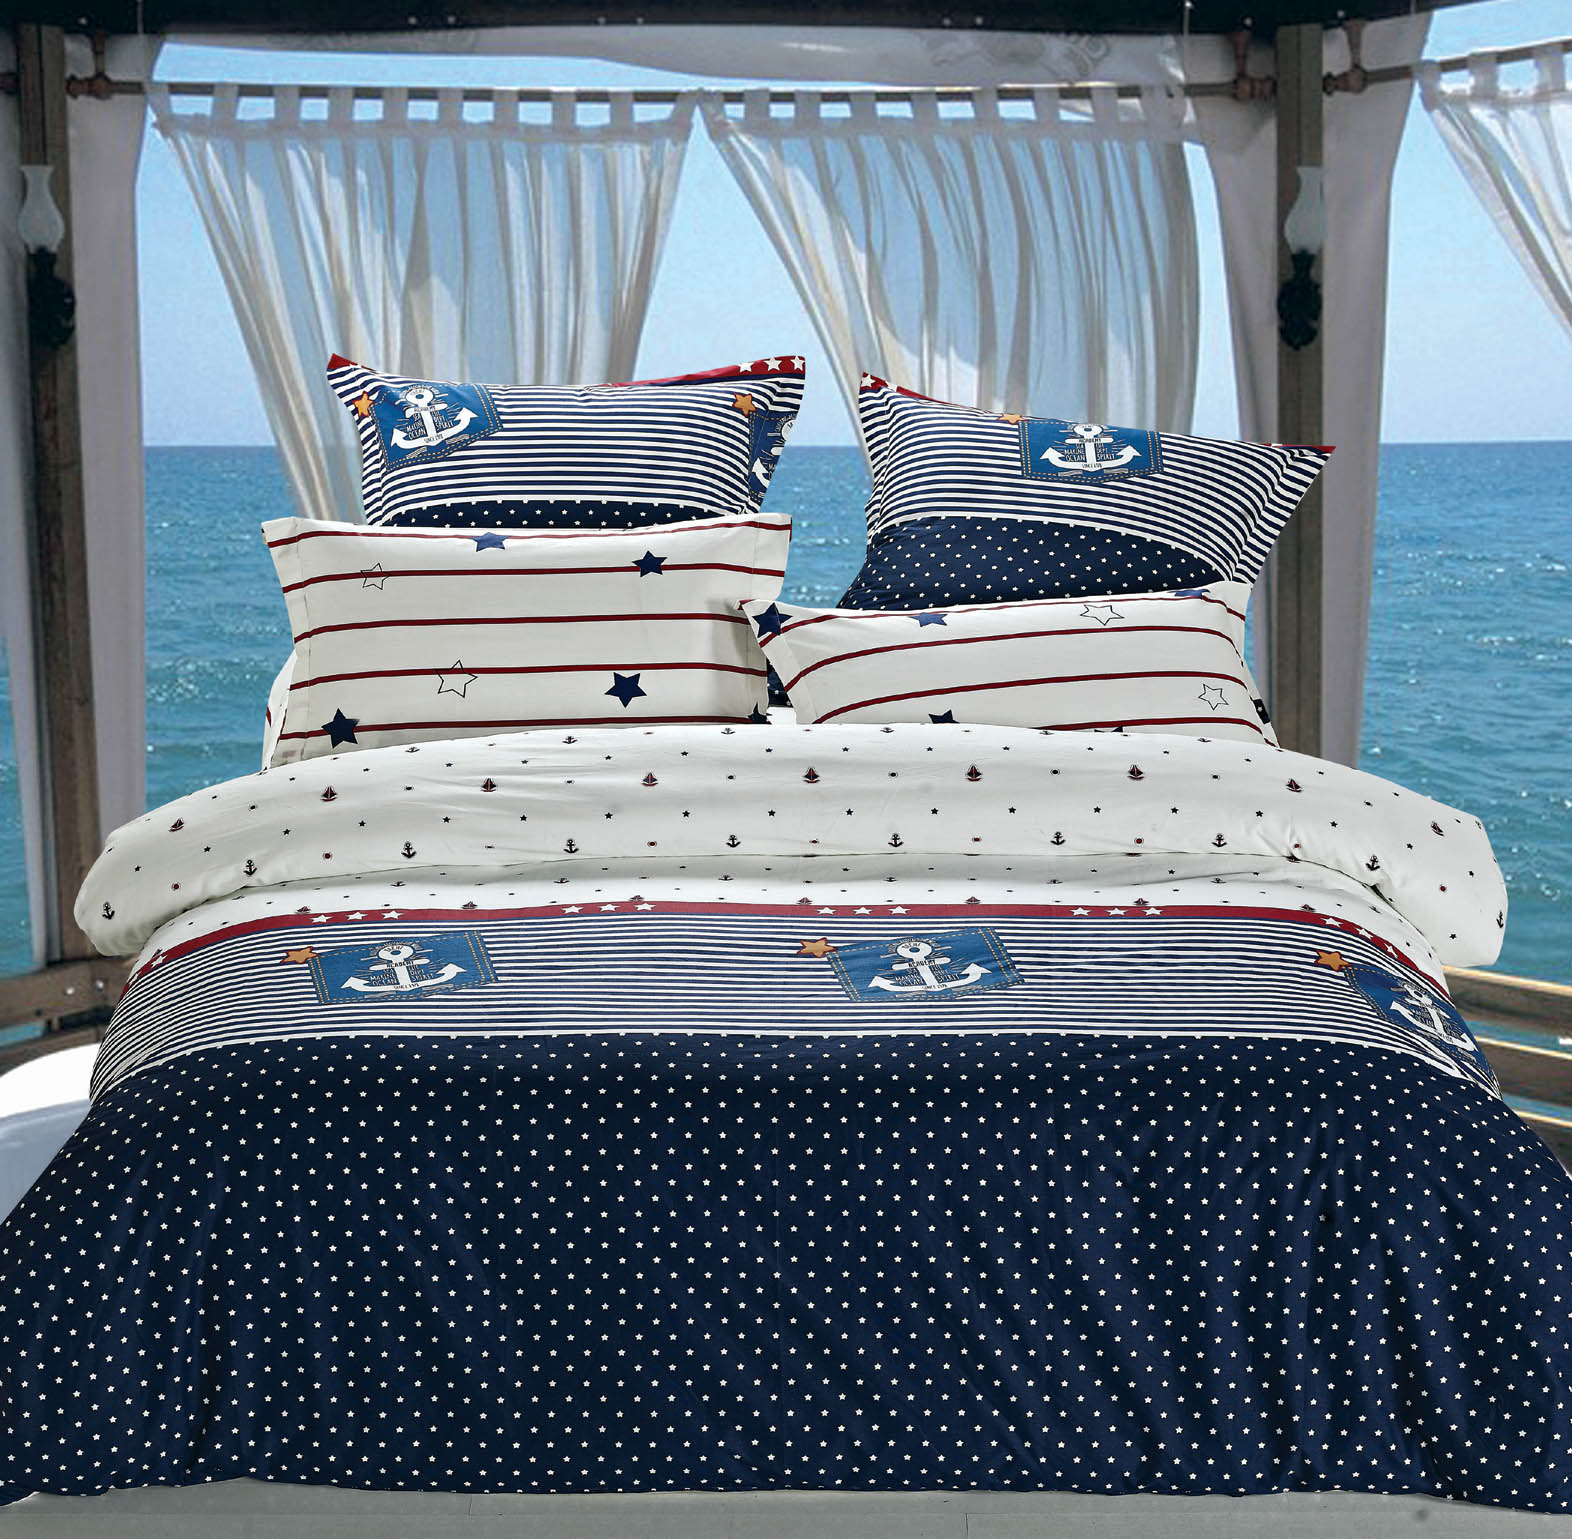 Купить Комплекты постельного белья СайлиД, Постельное белье Imani B-154 (2 сп. евро), Китай, Белый, Синий, Хлопковый сатин